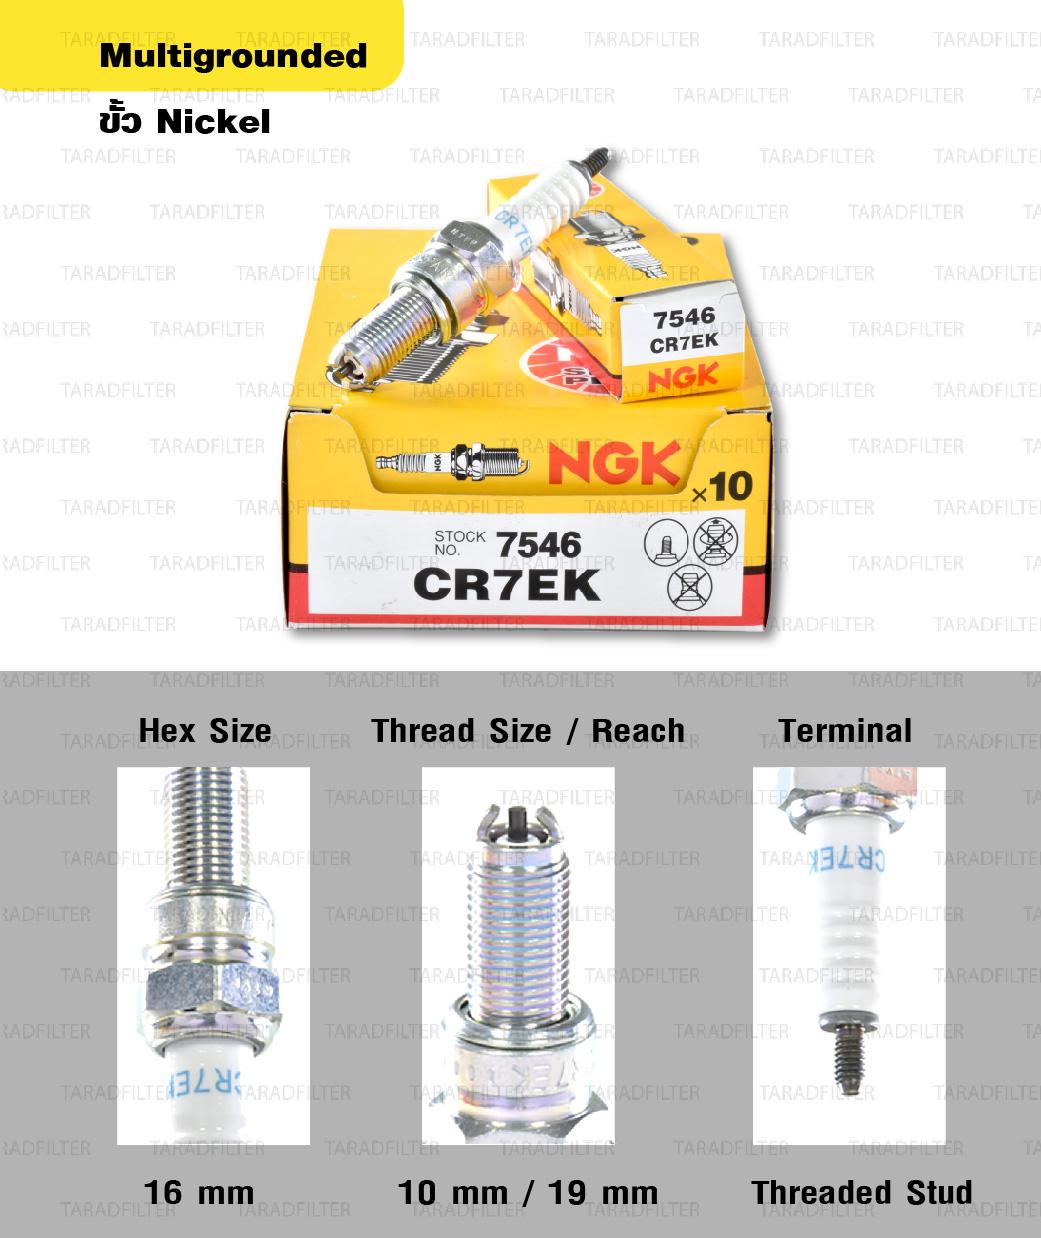 หัวเทียน NGK CR7EK ขั้ว Nickel Multigrounded ใช้สำหรับ Tmax, Royal Enfield Interceptor 650 / Continental GT 650 / Himalayan (1 หัว) – Made in Japan